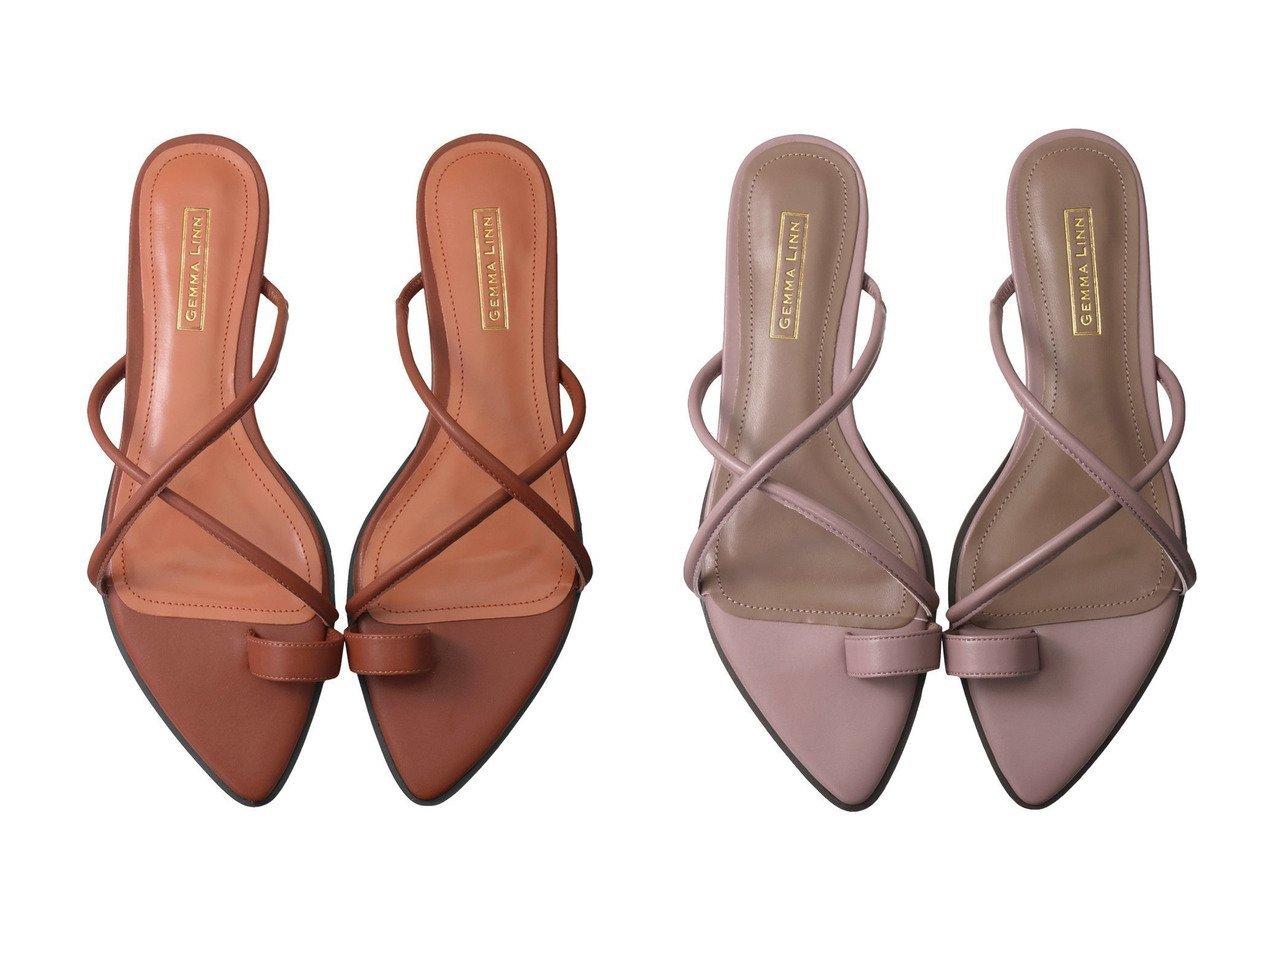 【Daniella & GEMMA/ダニエラ アンド ジェマ】のポインテッドクロスストラップサンダル 【シューズ・靴】おすすめ!人気、トレンド・レディースファッションの通販 おすすめで人気の流行・トレンド、ファッションの通販商品 インテリア・家具・メンズファッション・キッズファッション・レディースファッション・服の通販 founy(ファニー) https://founy.com/ ファッション Fashion レディースファッション WOMEN サマー サンダル ラップ  ID:crp329100000052531